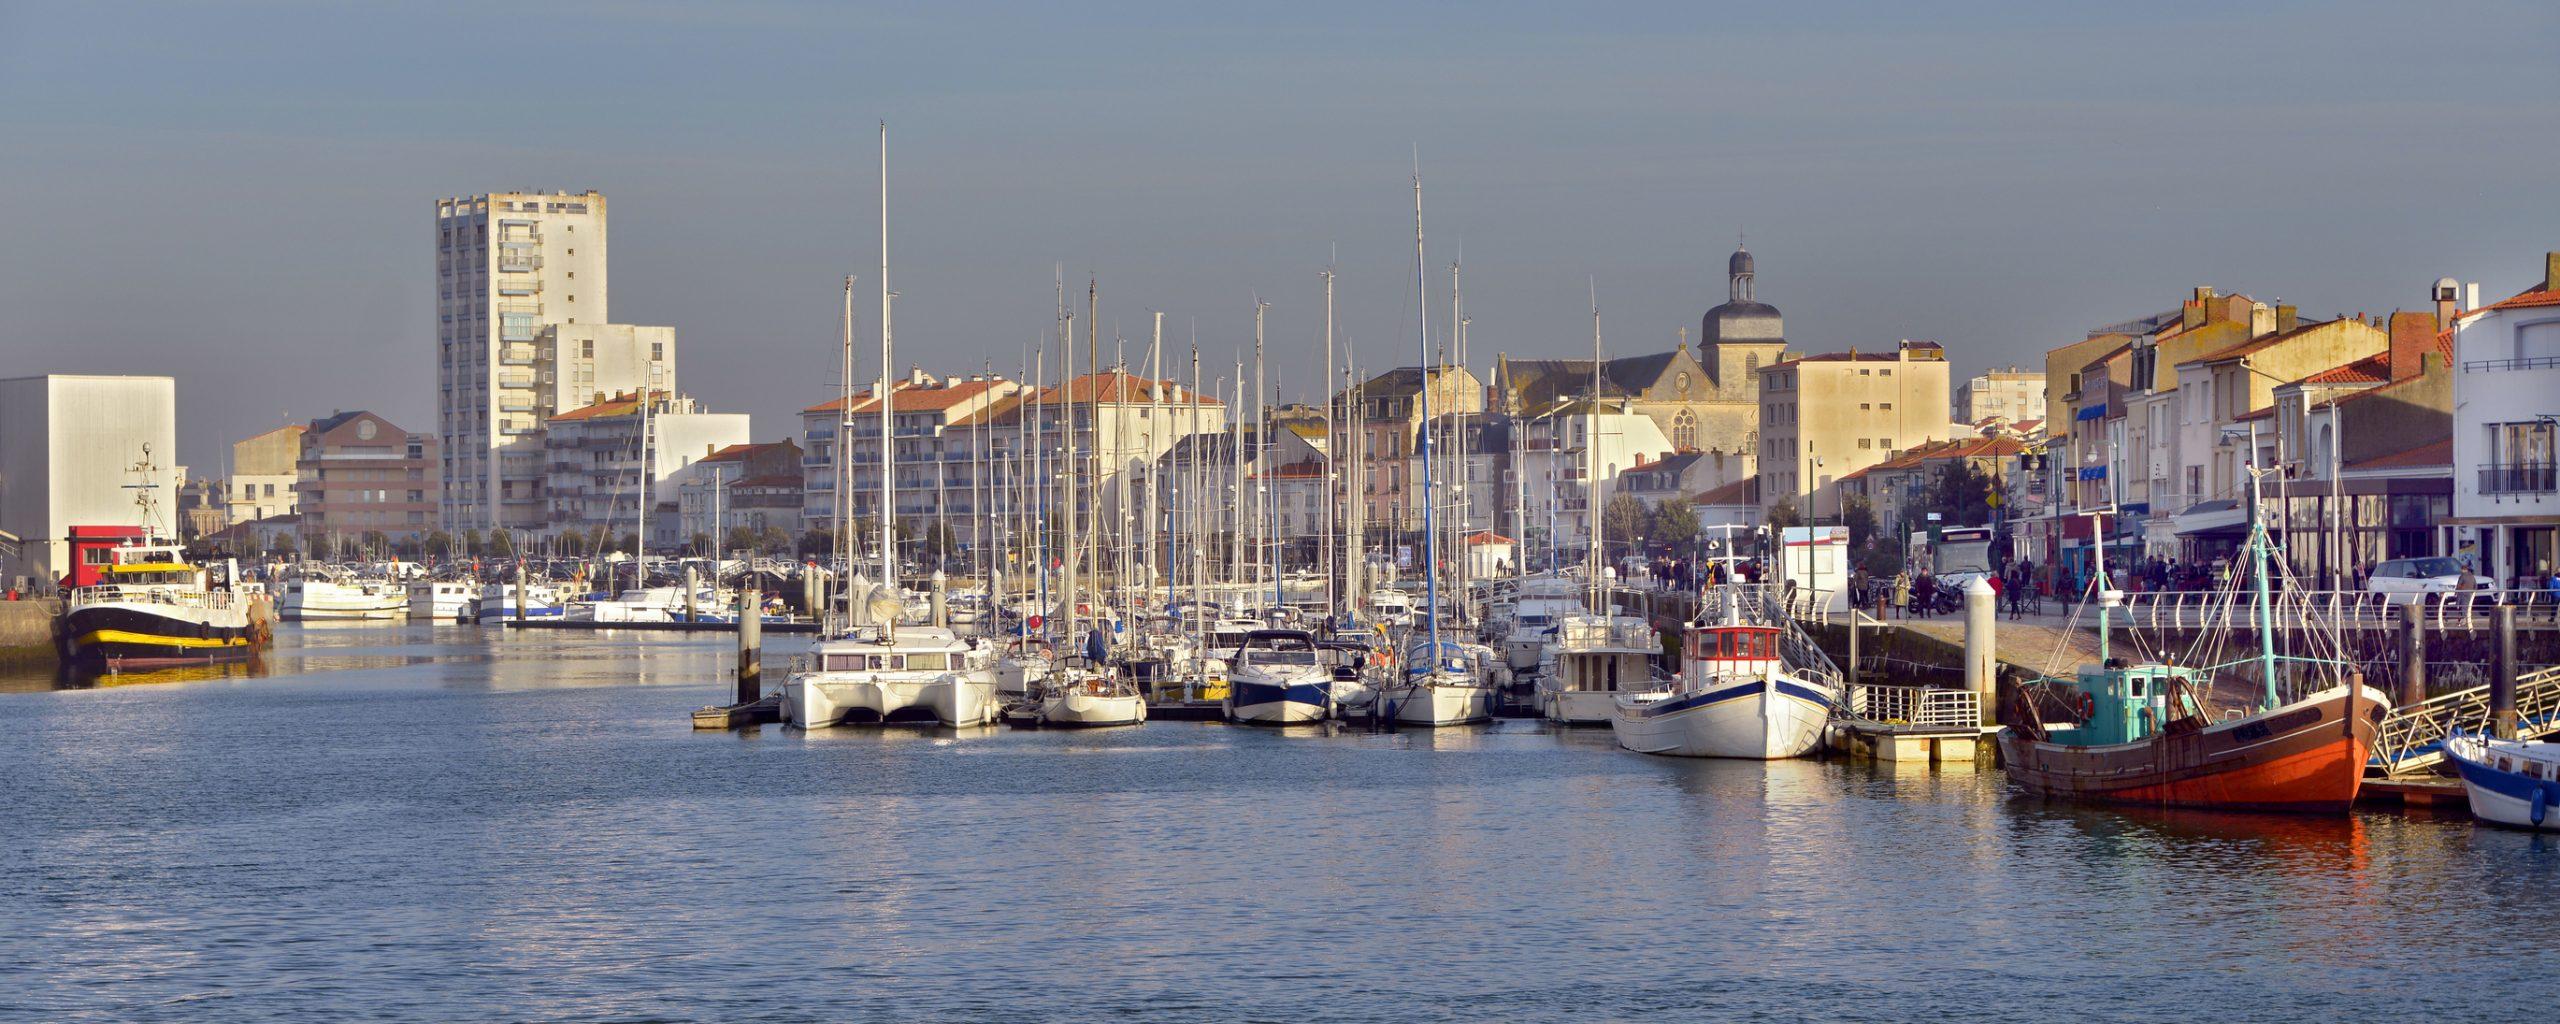 Investissement immobilier en Vendée